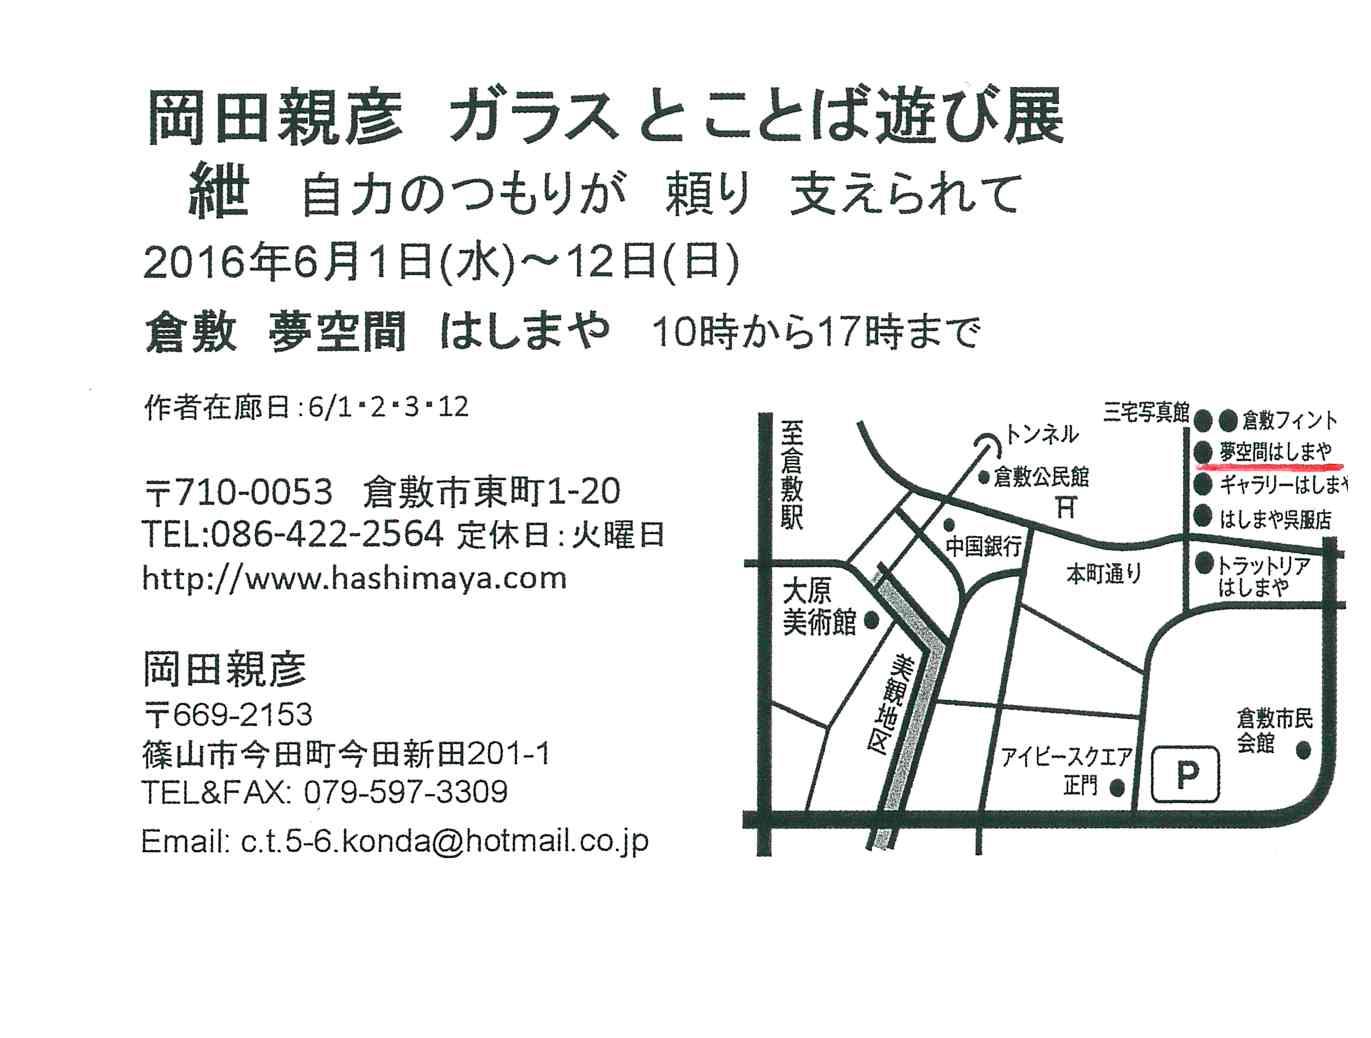 15期生岡田親彦さん倉敷展